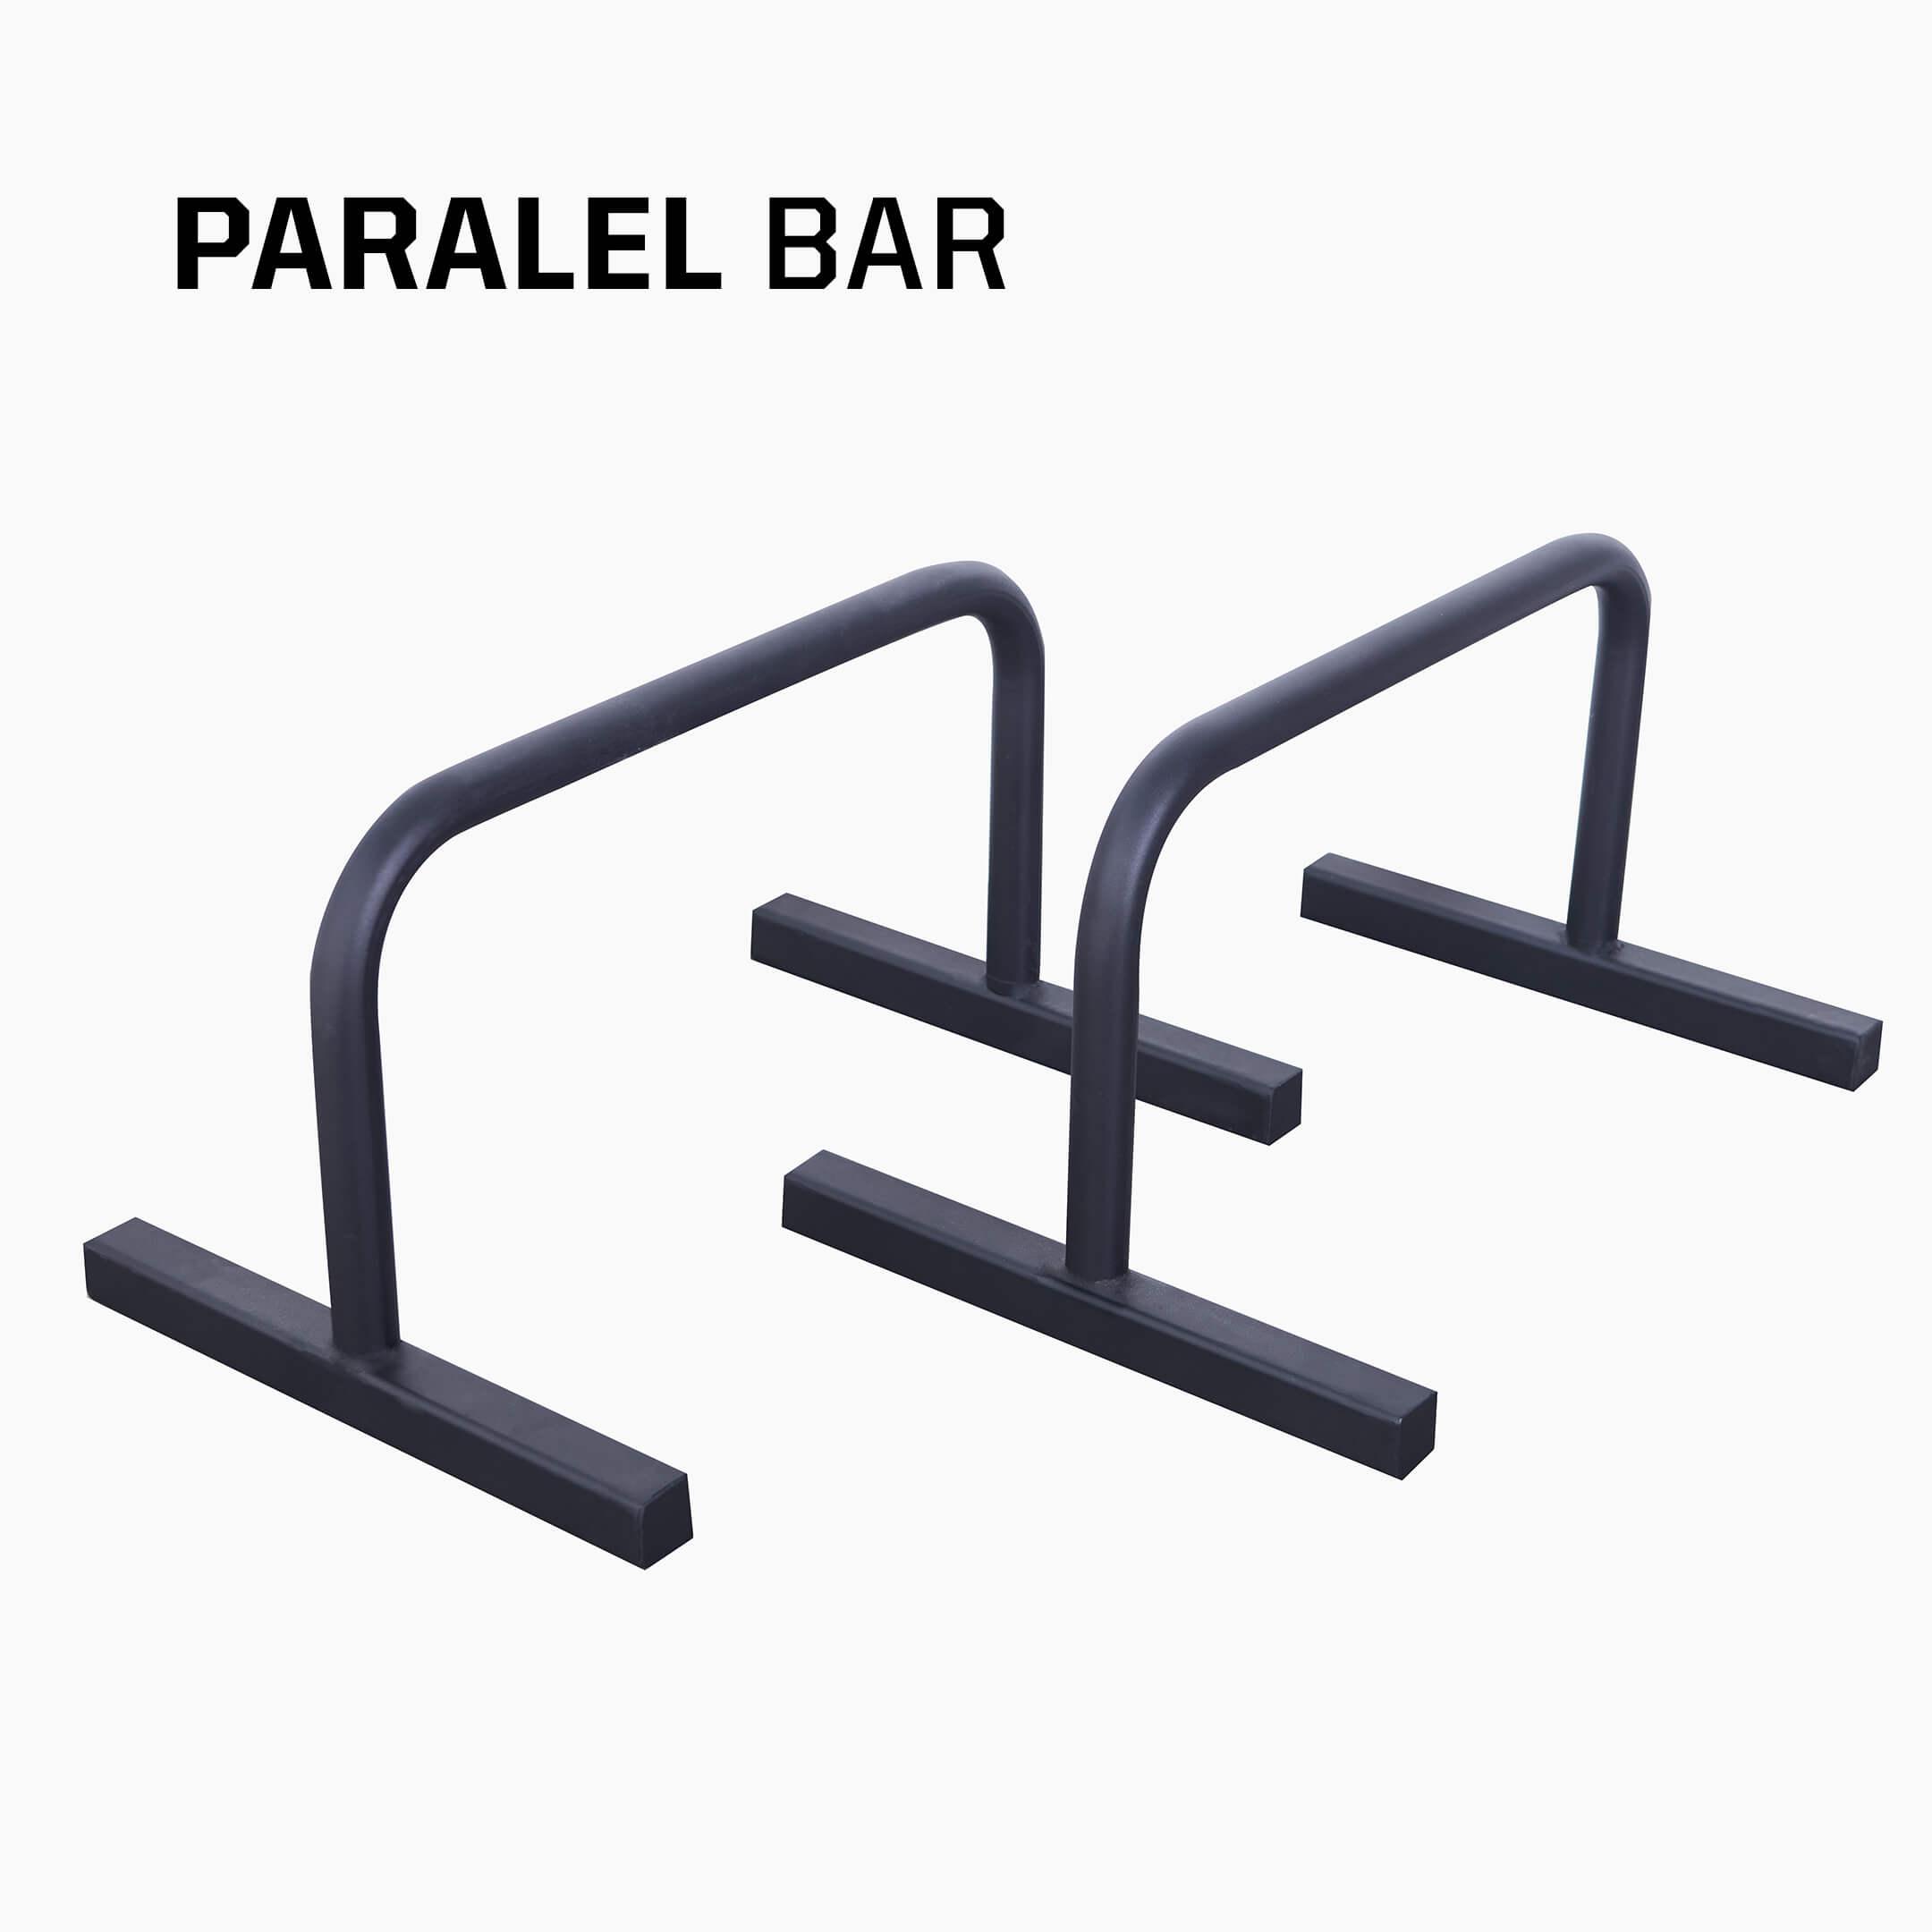 ağırsağlam paralel bar